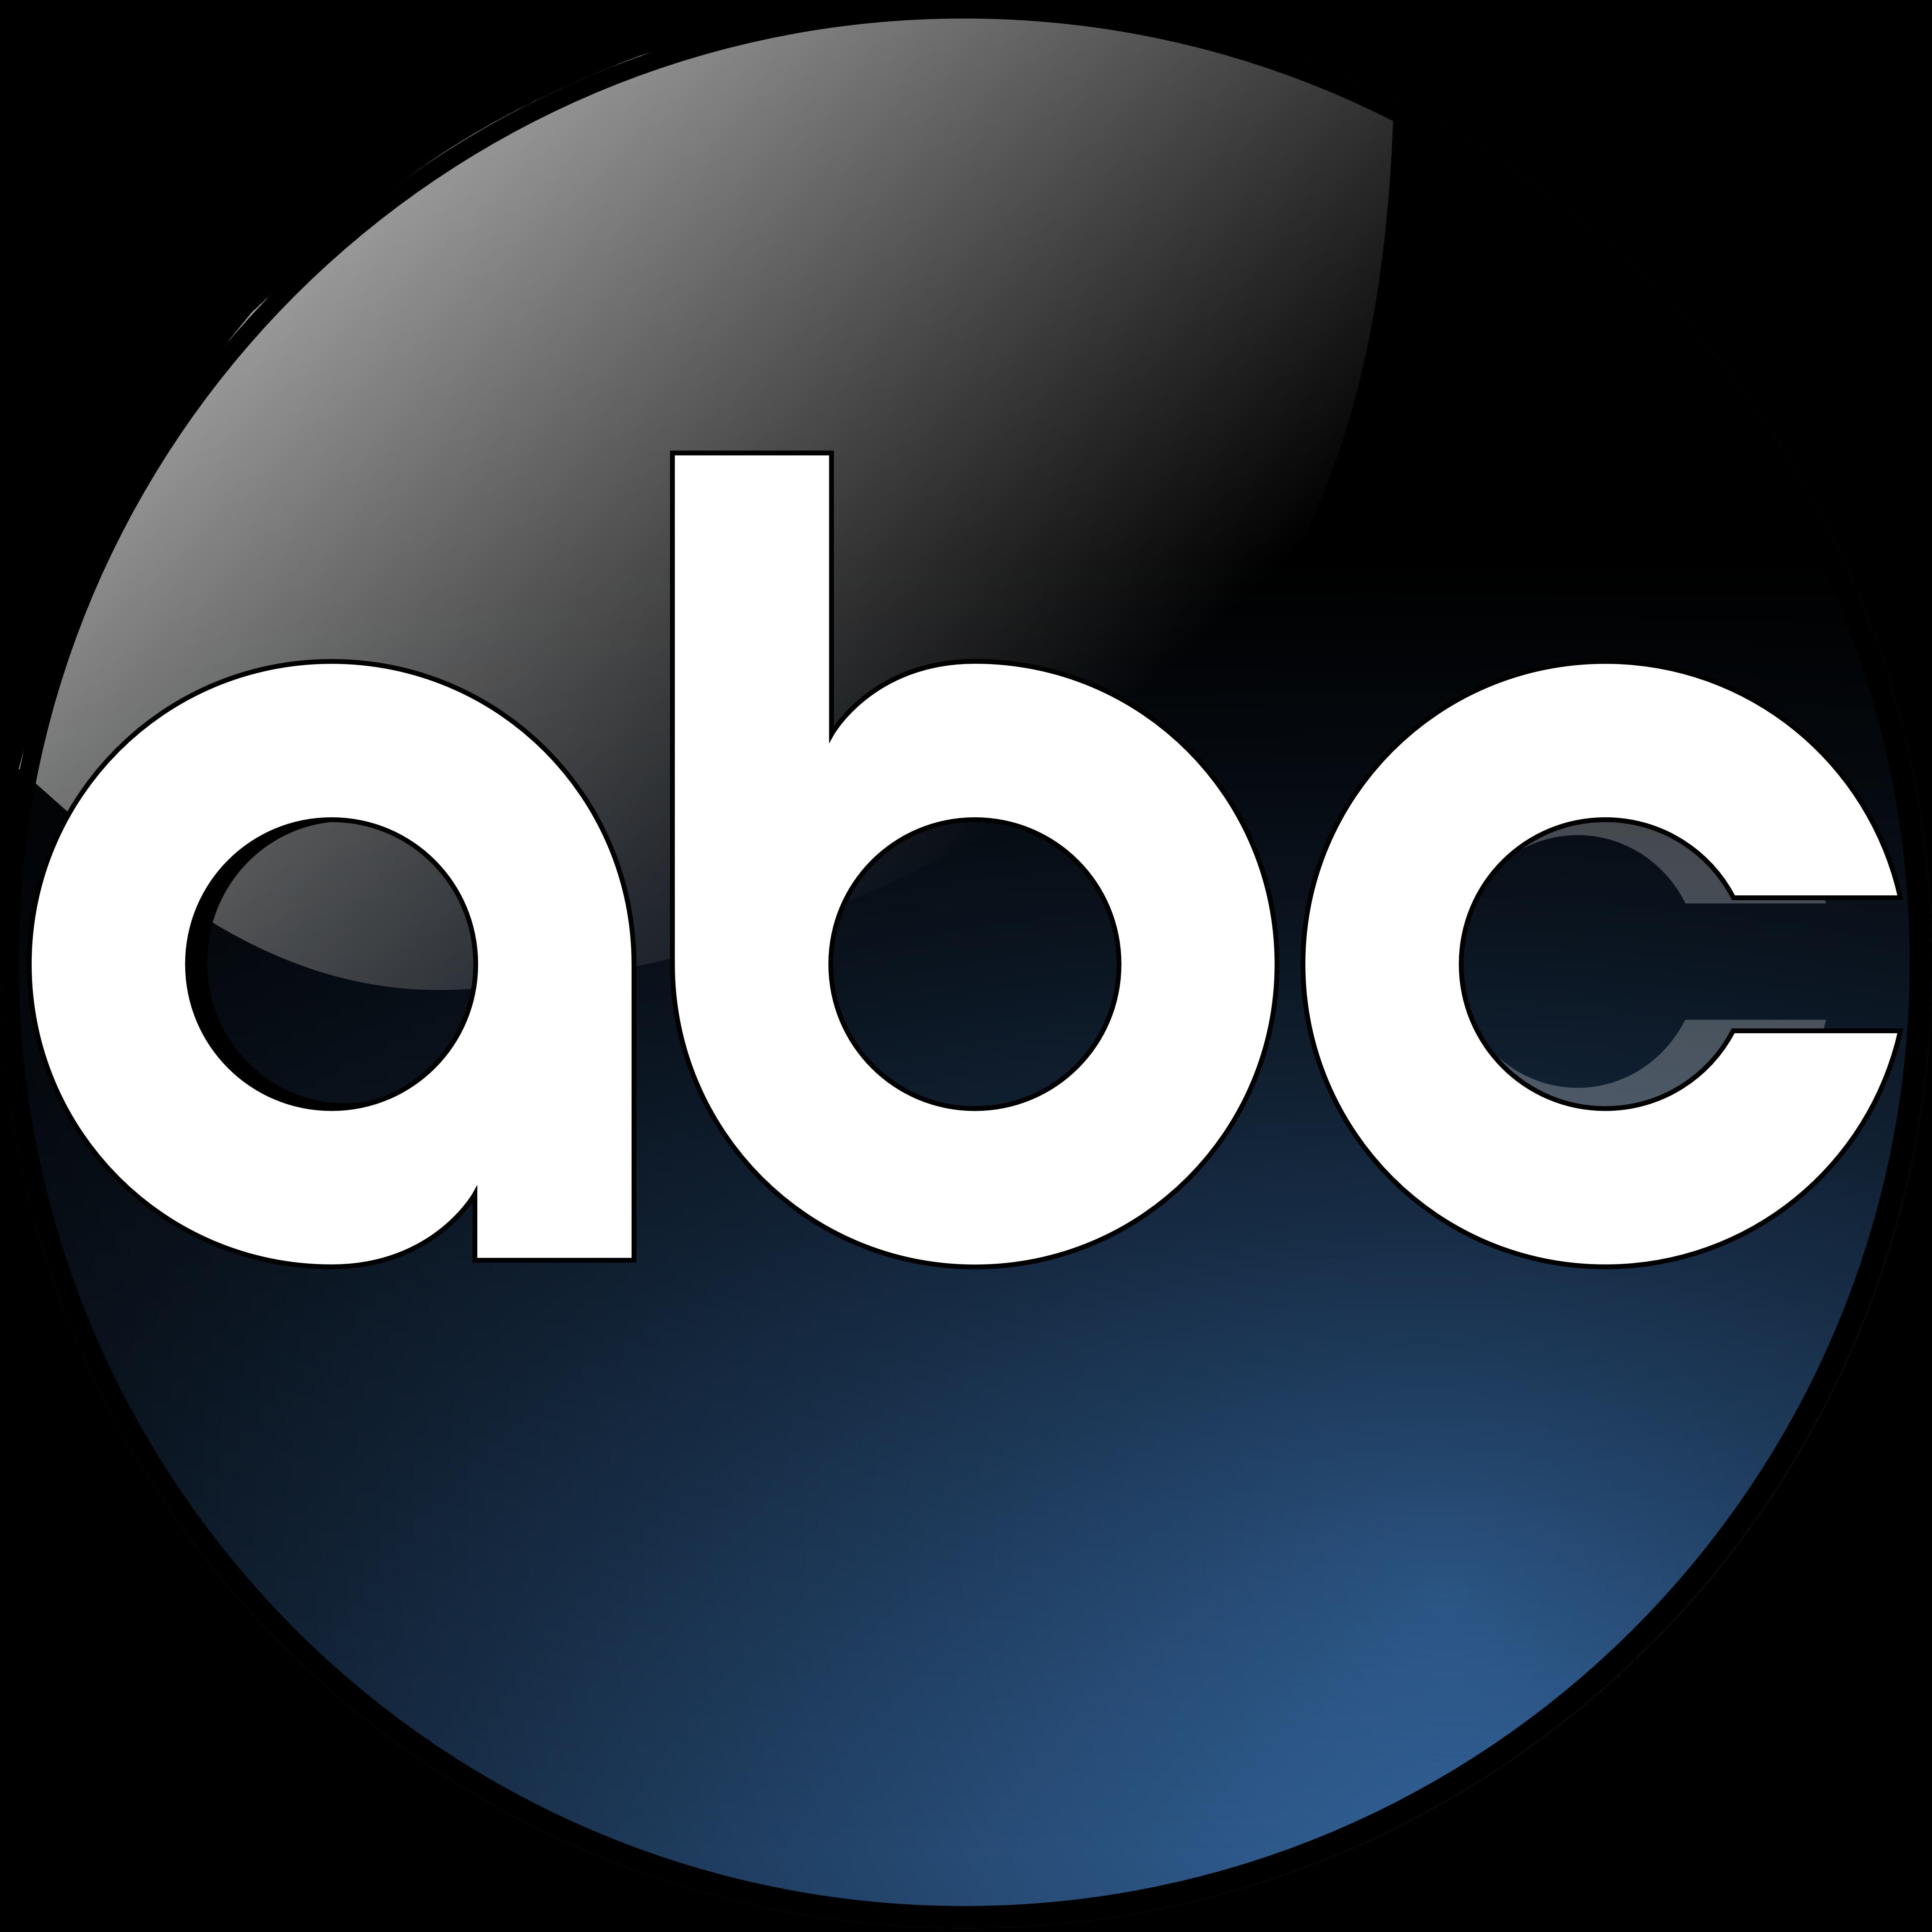 Abc Logos Download